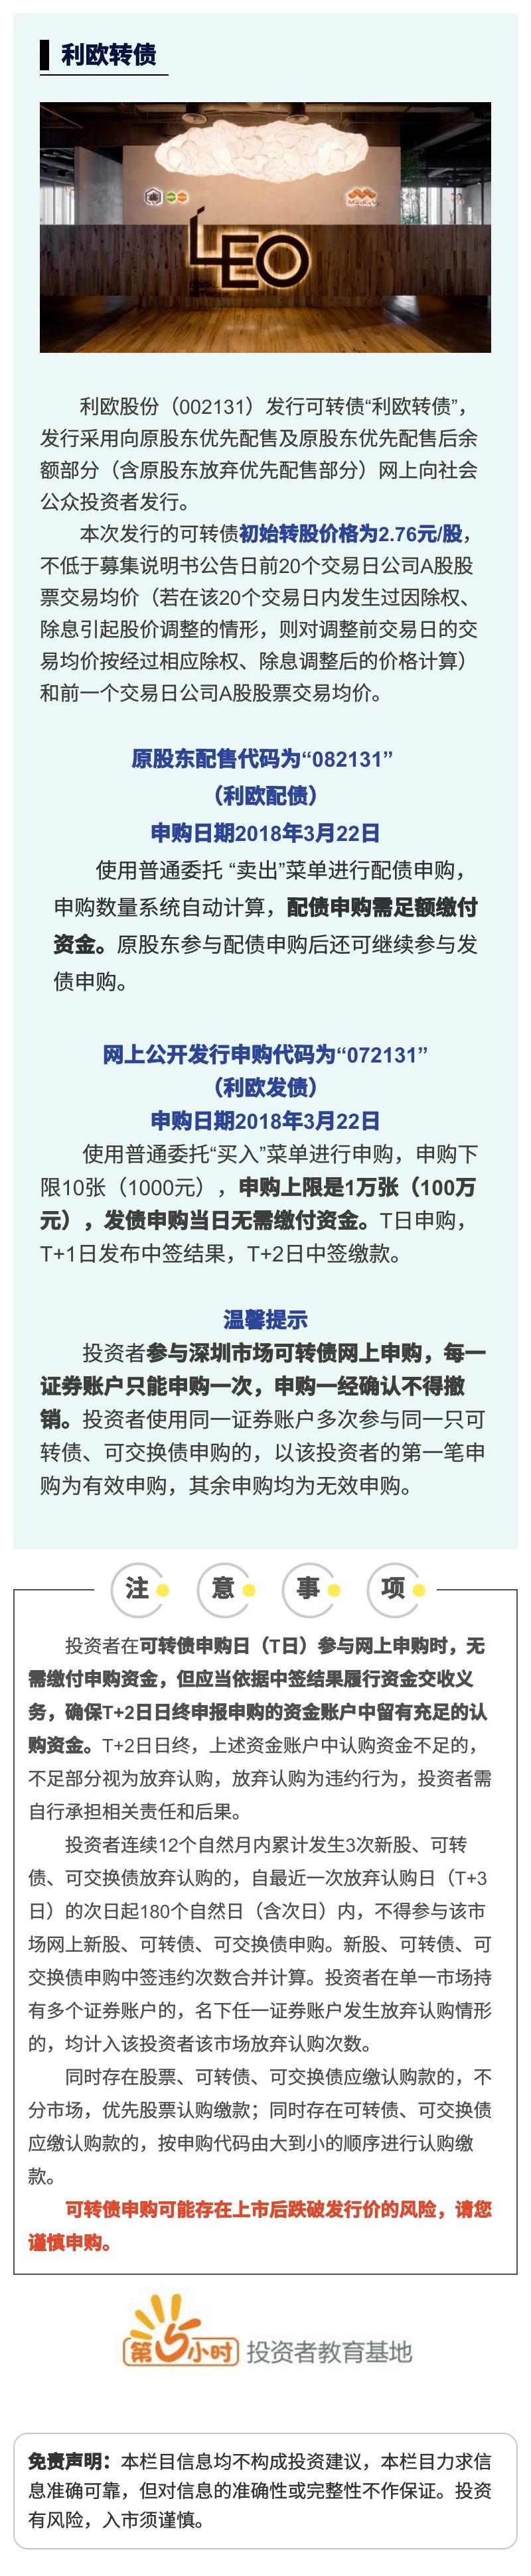 【新债申购】利欧股份(002131)公开发行可转换公司债.jpg